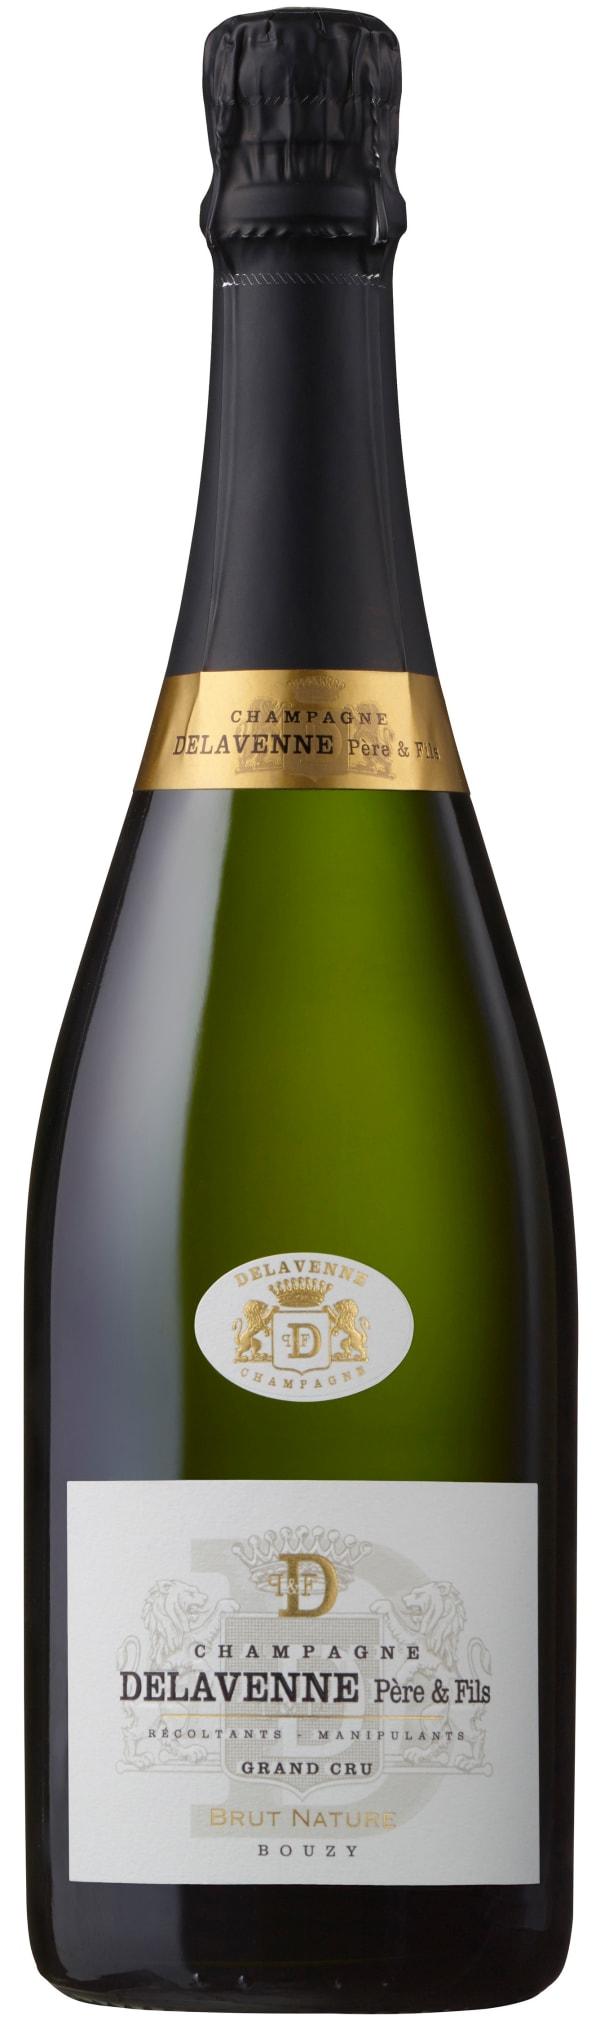 Delavenne Pere & Fils Grand Cru Champagne Brut Nature